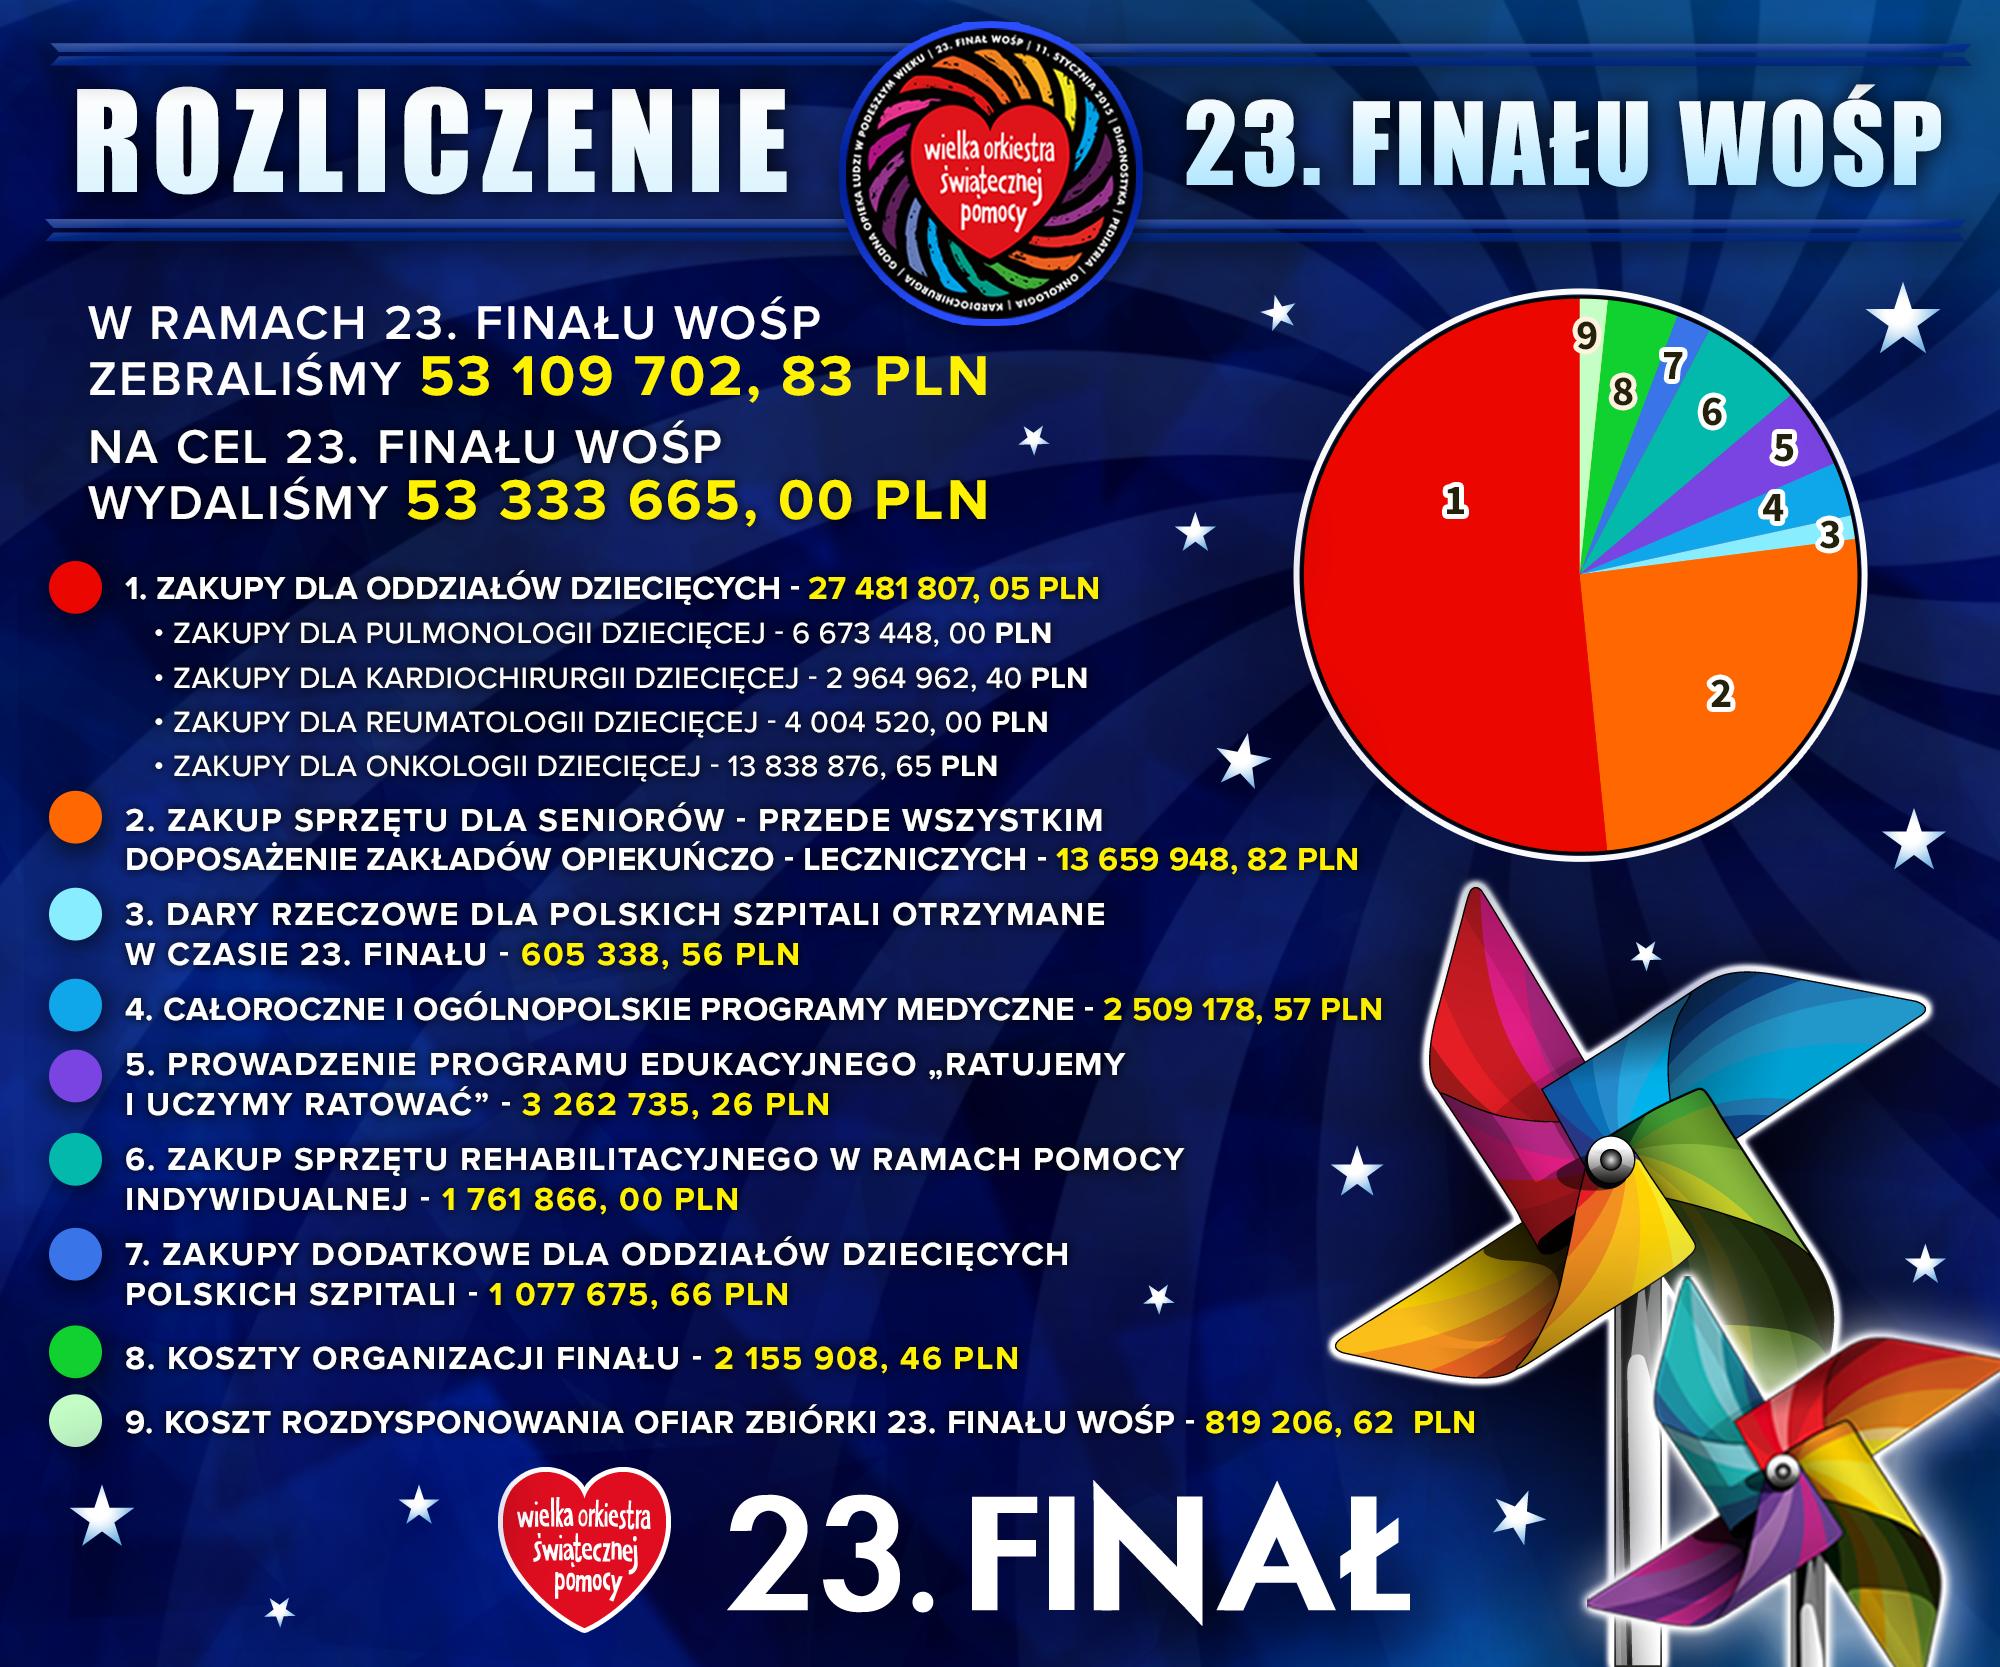 05_ROZLICZENIE_23_FINAL_2000X1667